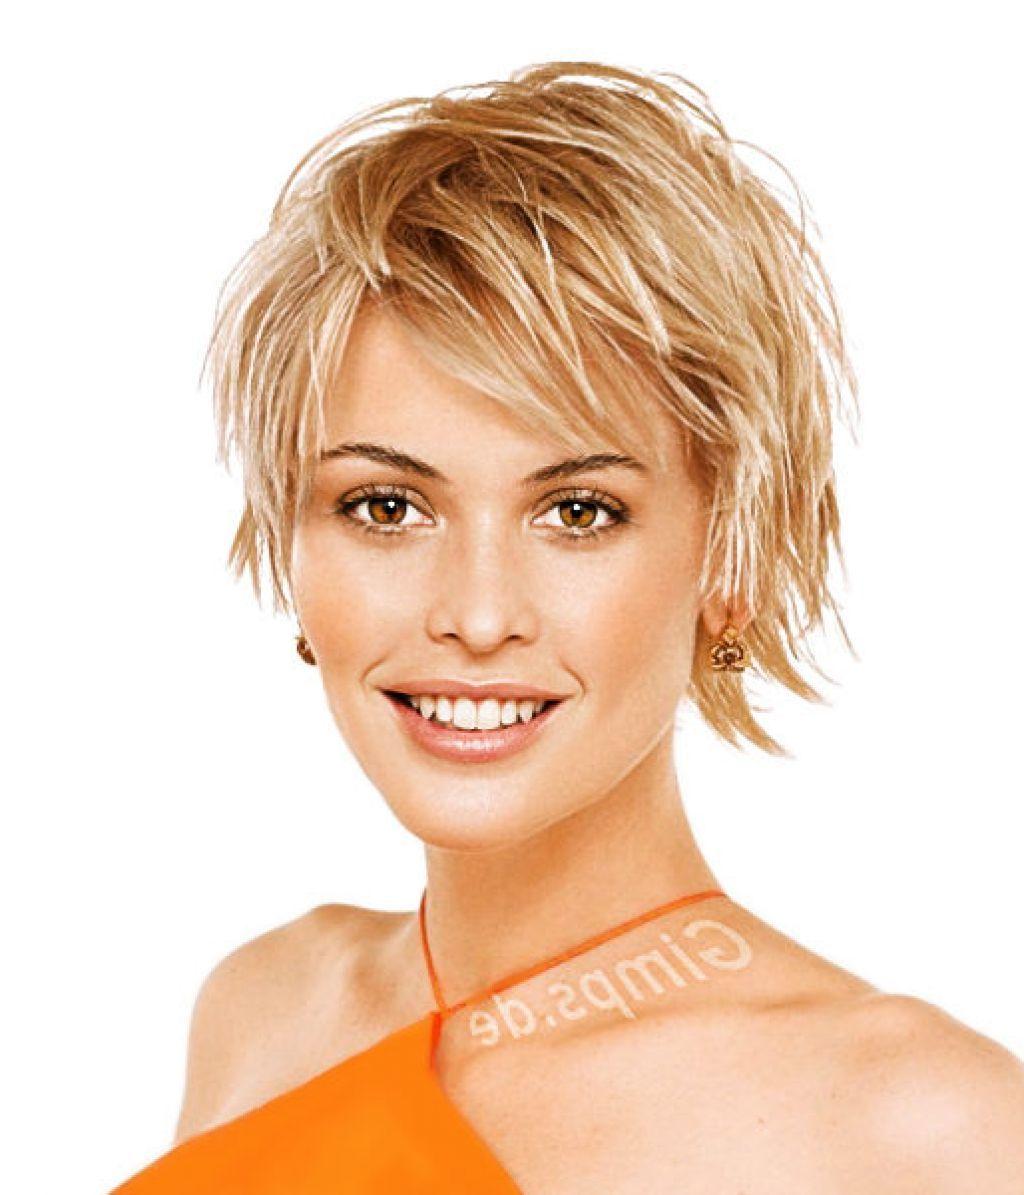 sassy short haircuts - 2015 hairstyles trend 10 short sassy